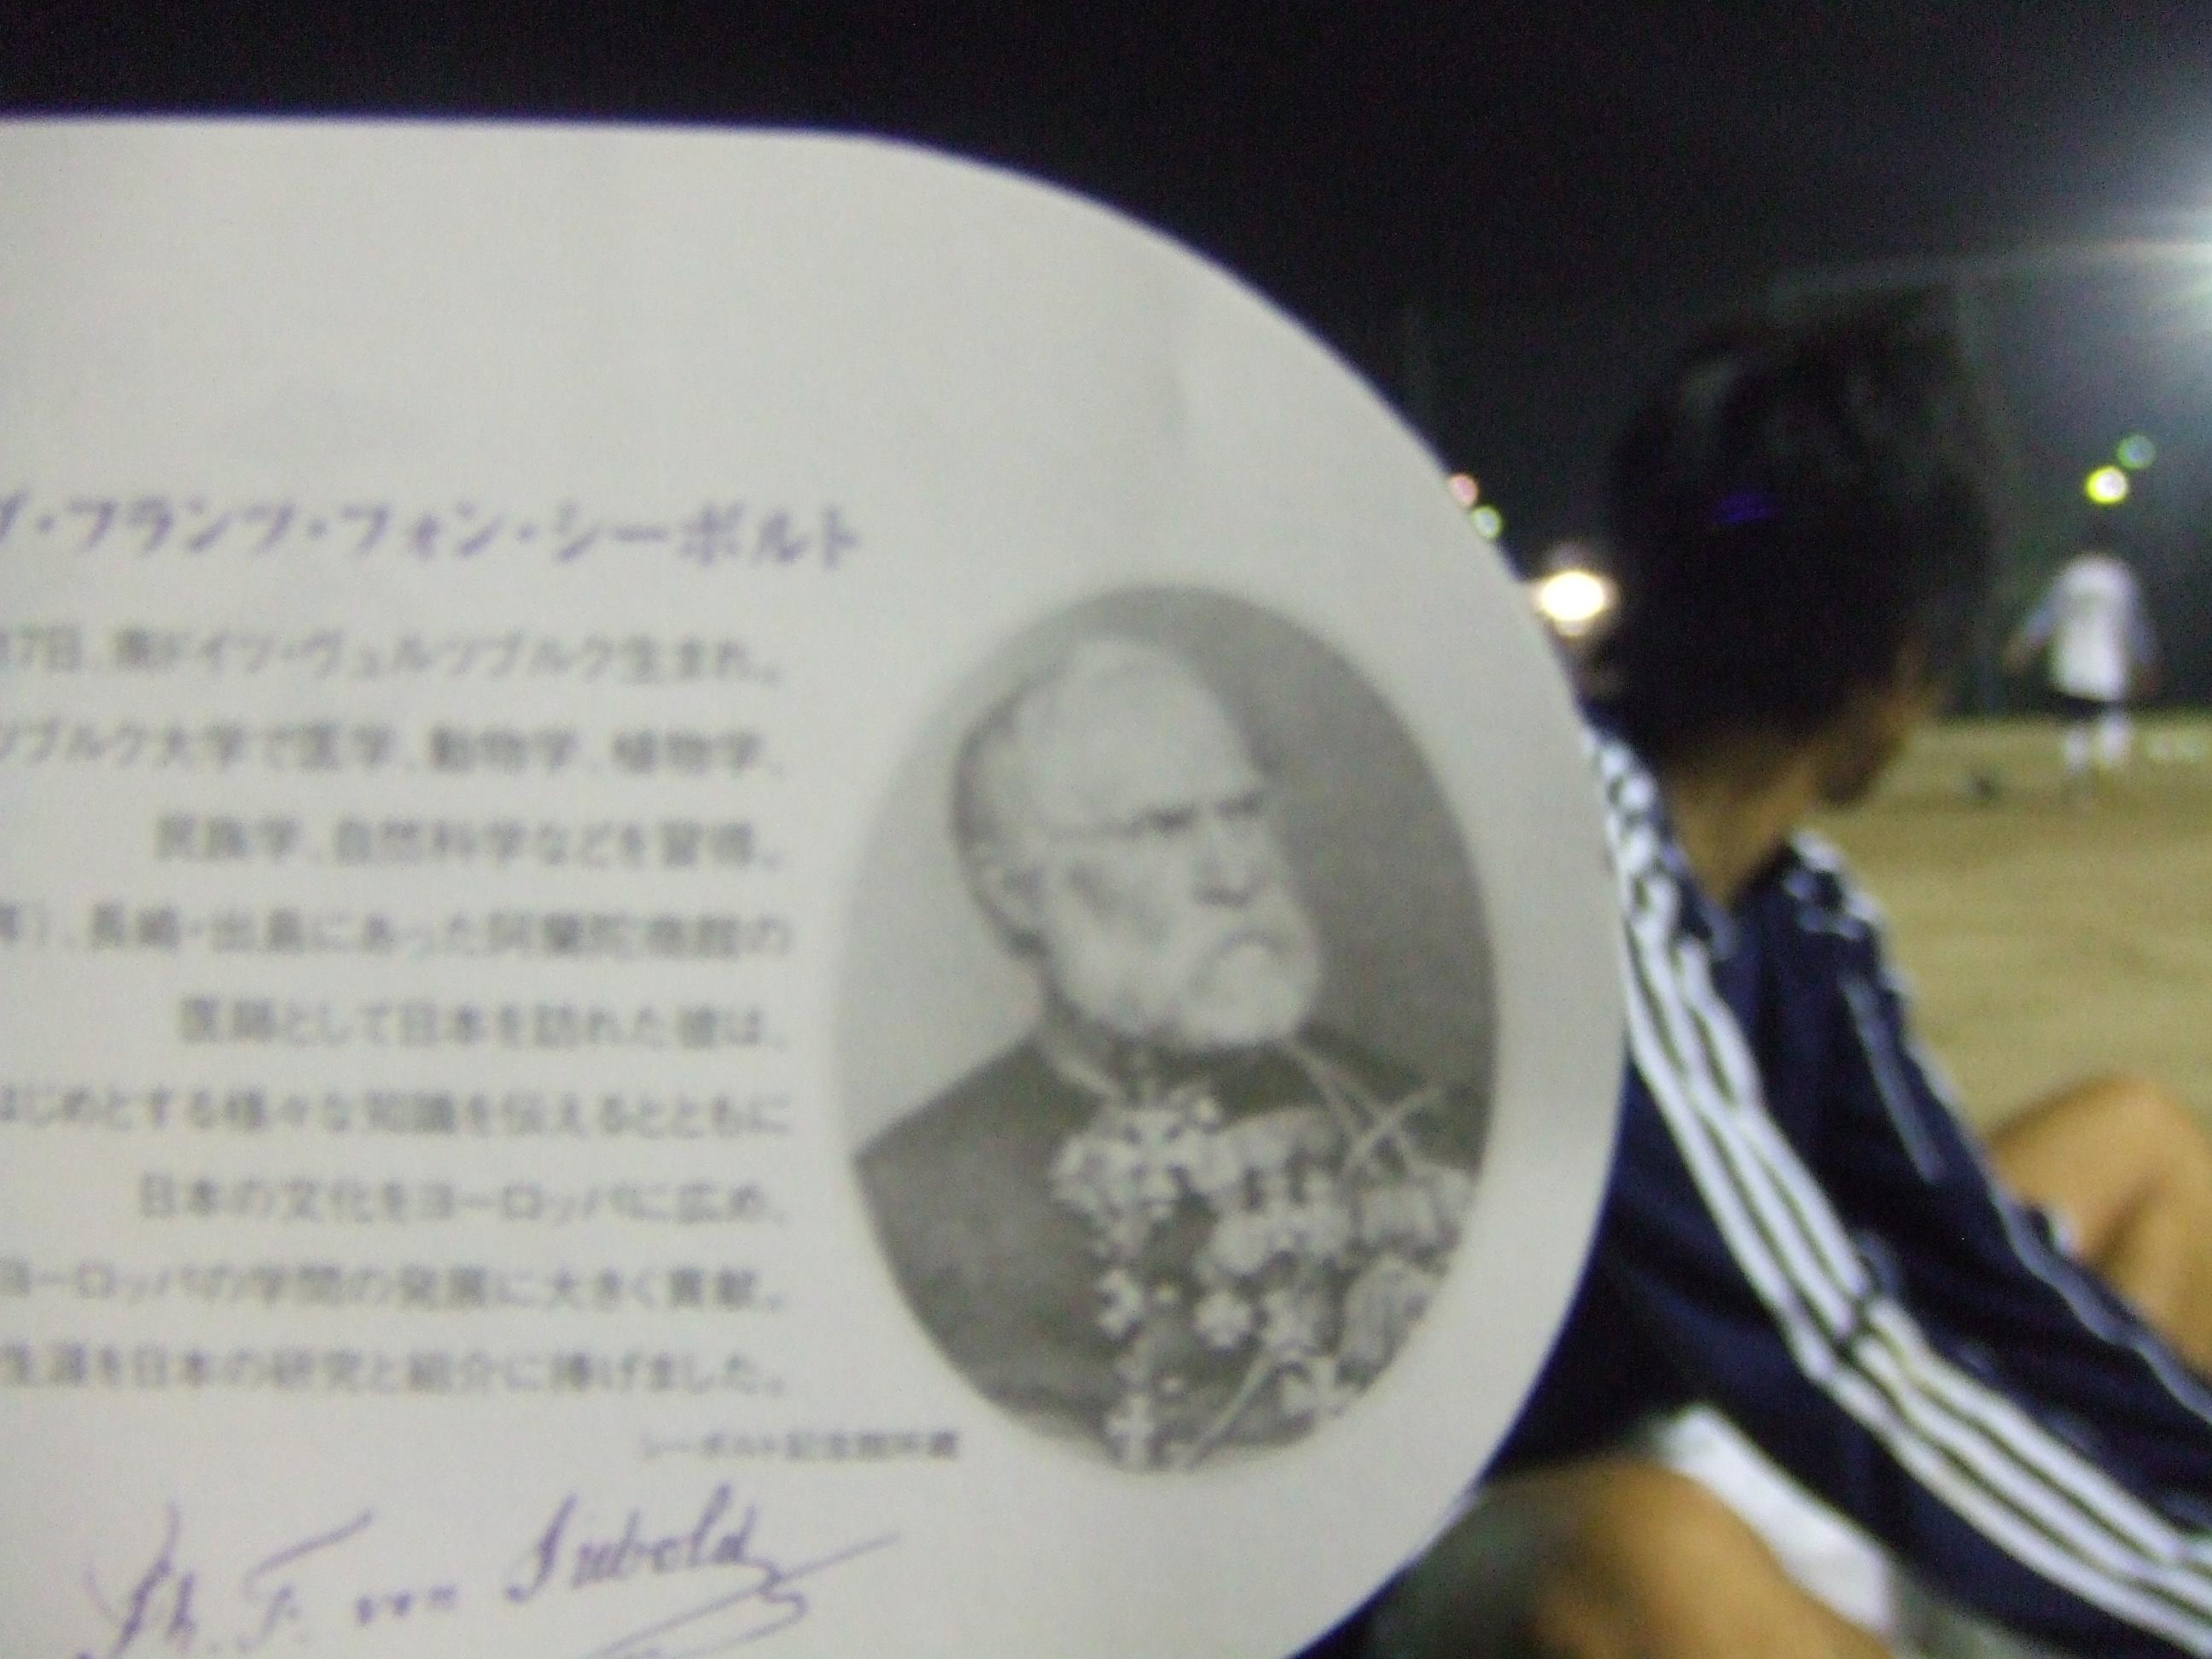 グラウンドの記録2006-2008〜西南学院大学サッカー部〜                seinan_mane_nikki